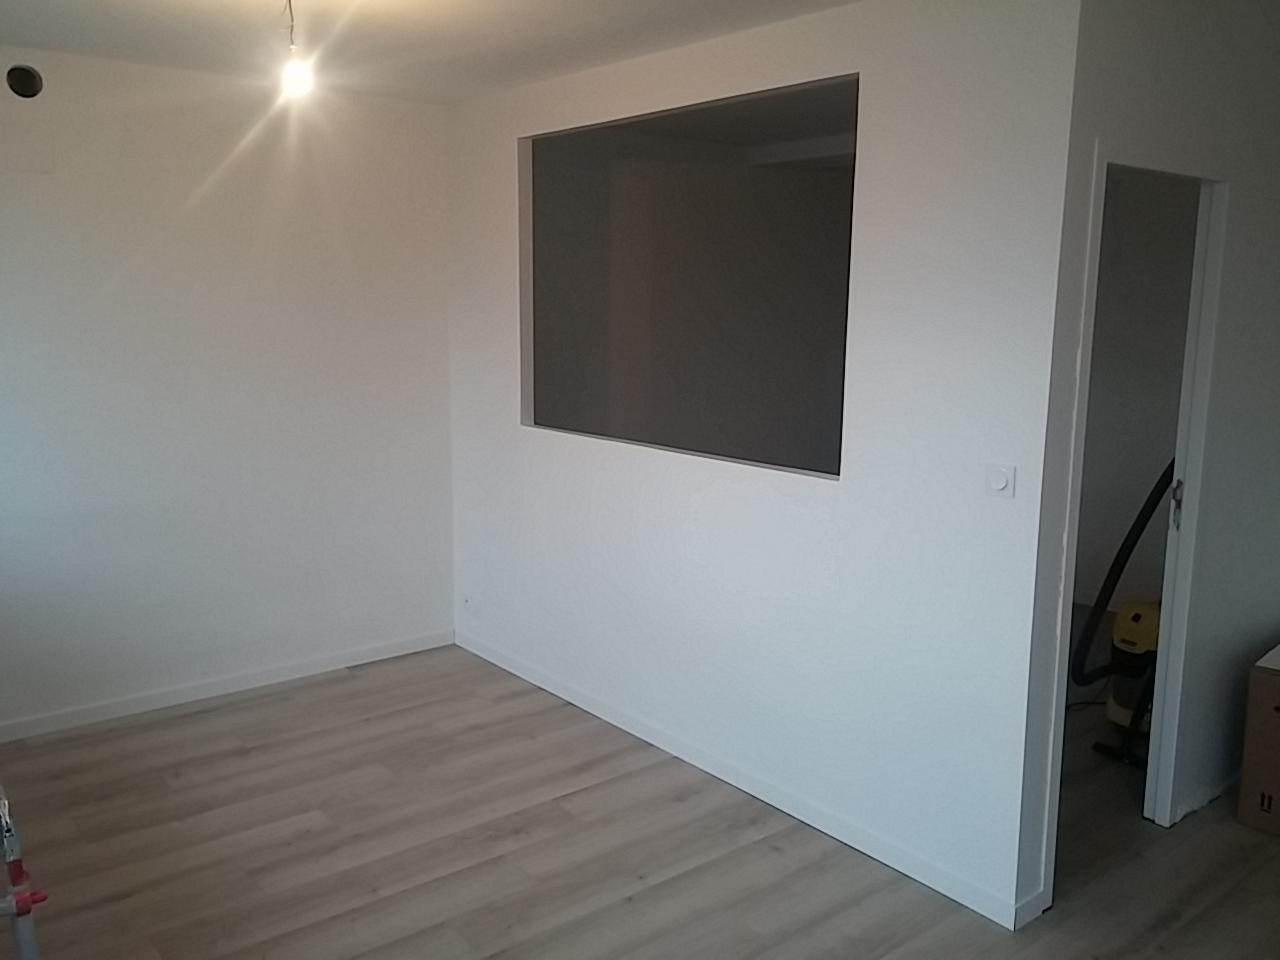 cloison facile poser perfect pose de rails de cloisons. Black Bedroom Furniture Sets. Home Design Ideas